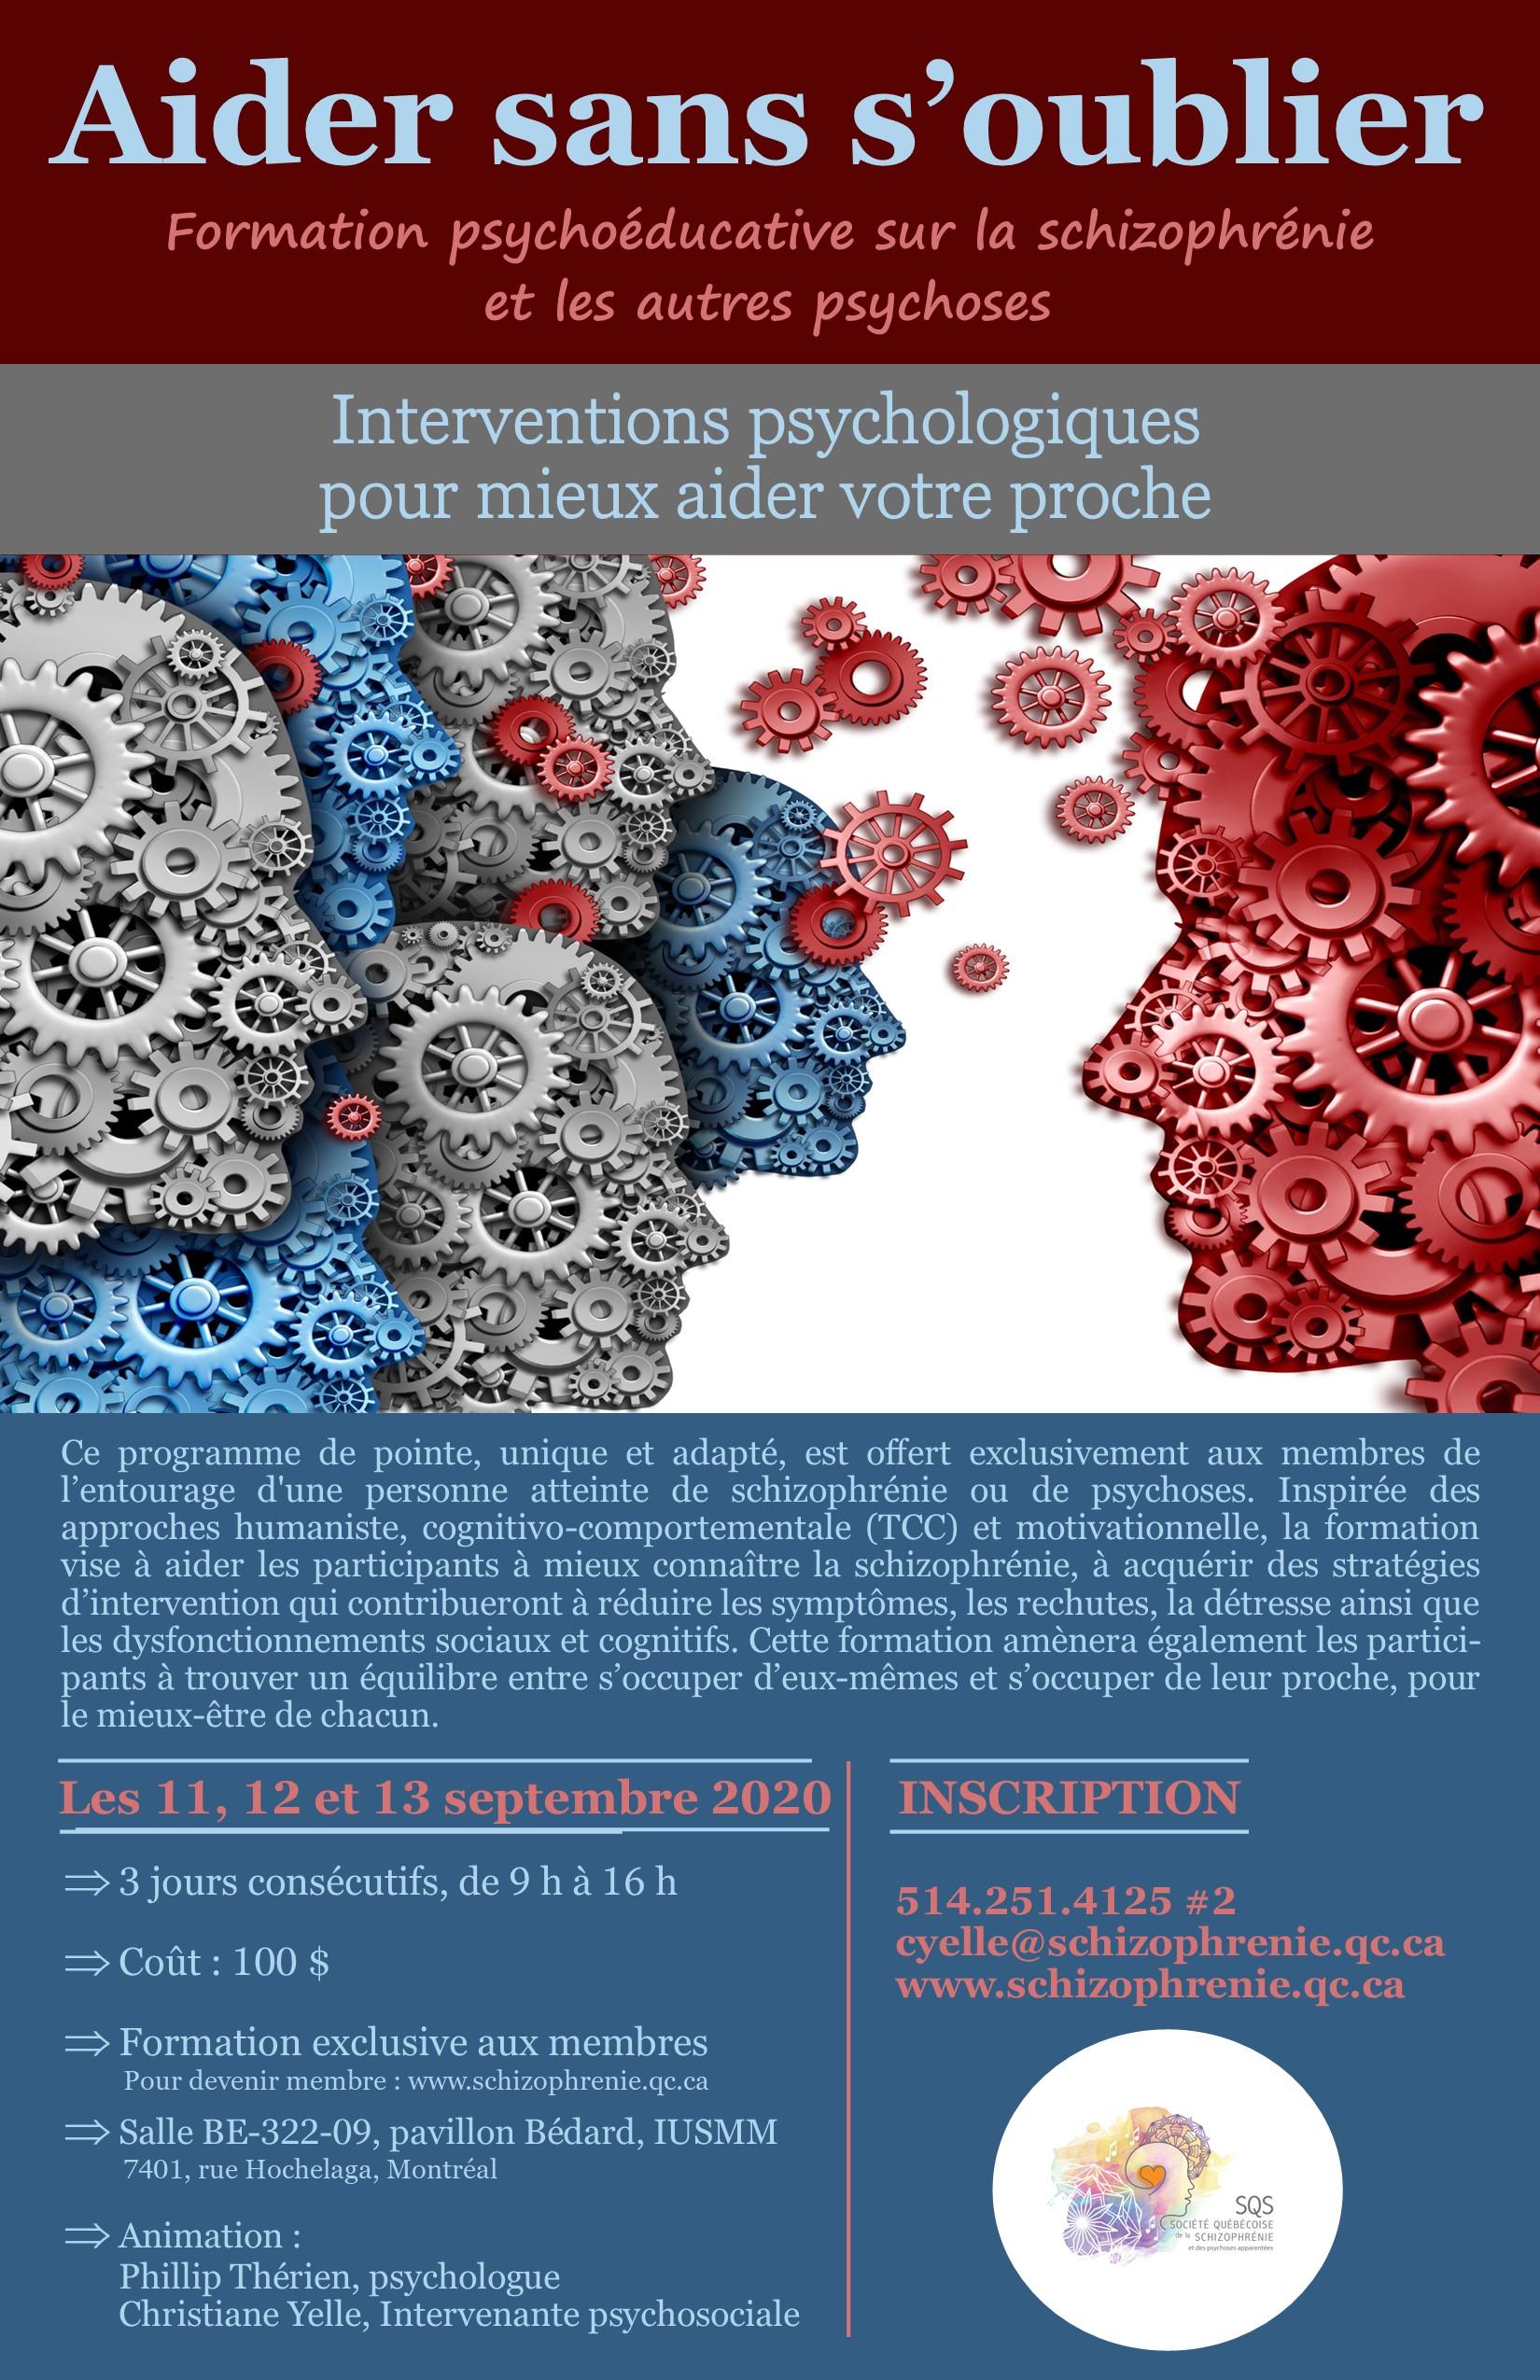 Formation Aider sans s'oublier – Psychoéducation sur la schizophrénie et les autres psychoses